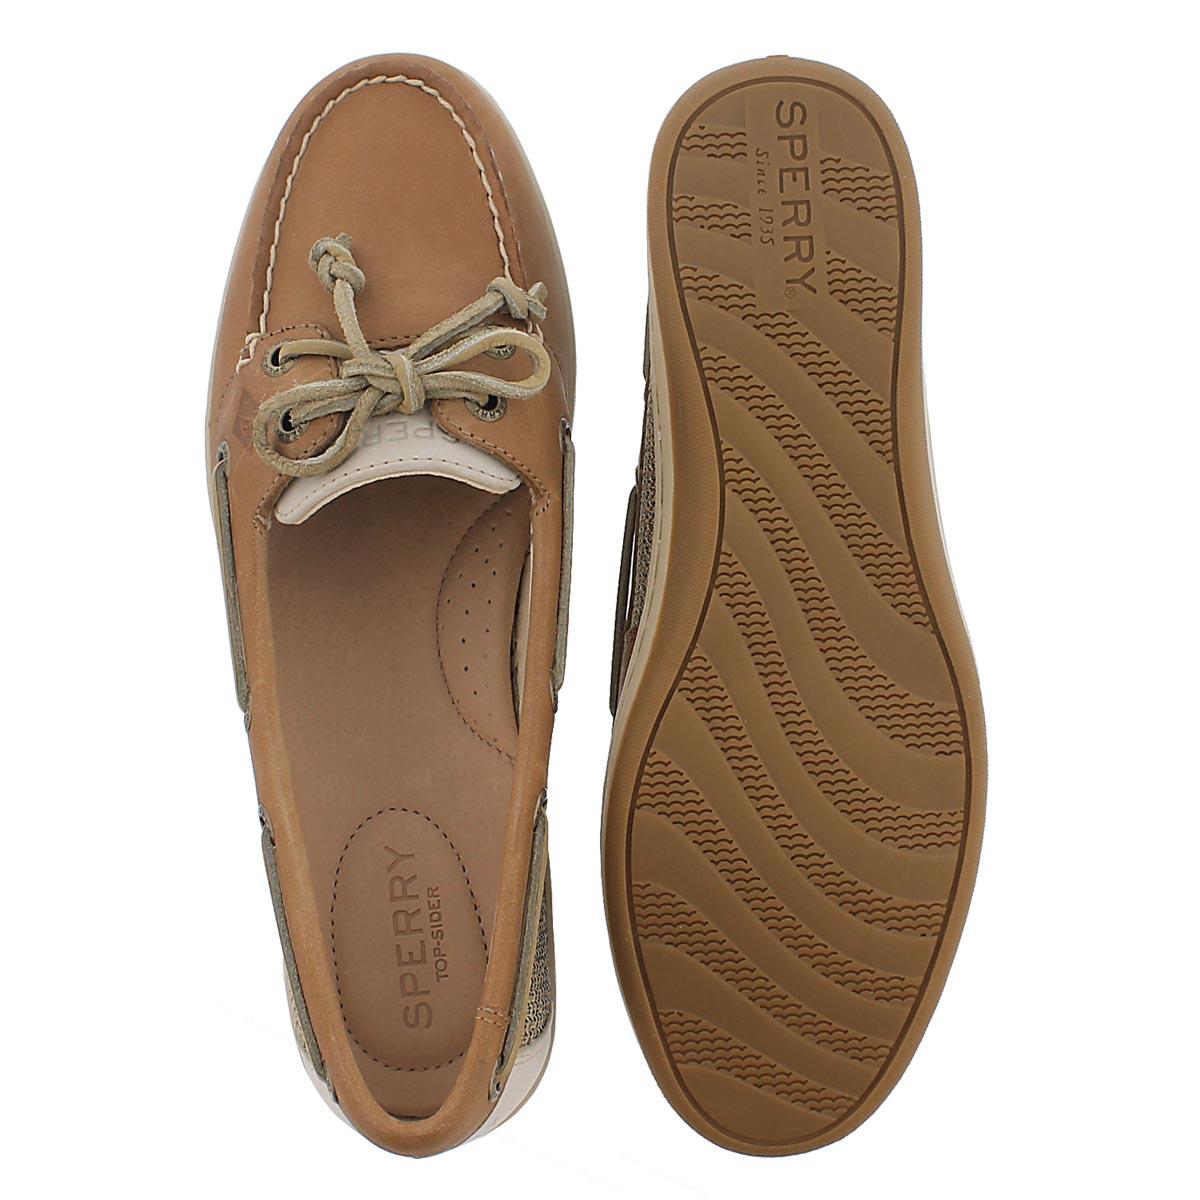 Lds Firefish linen/oat 2 Eye boat shoe